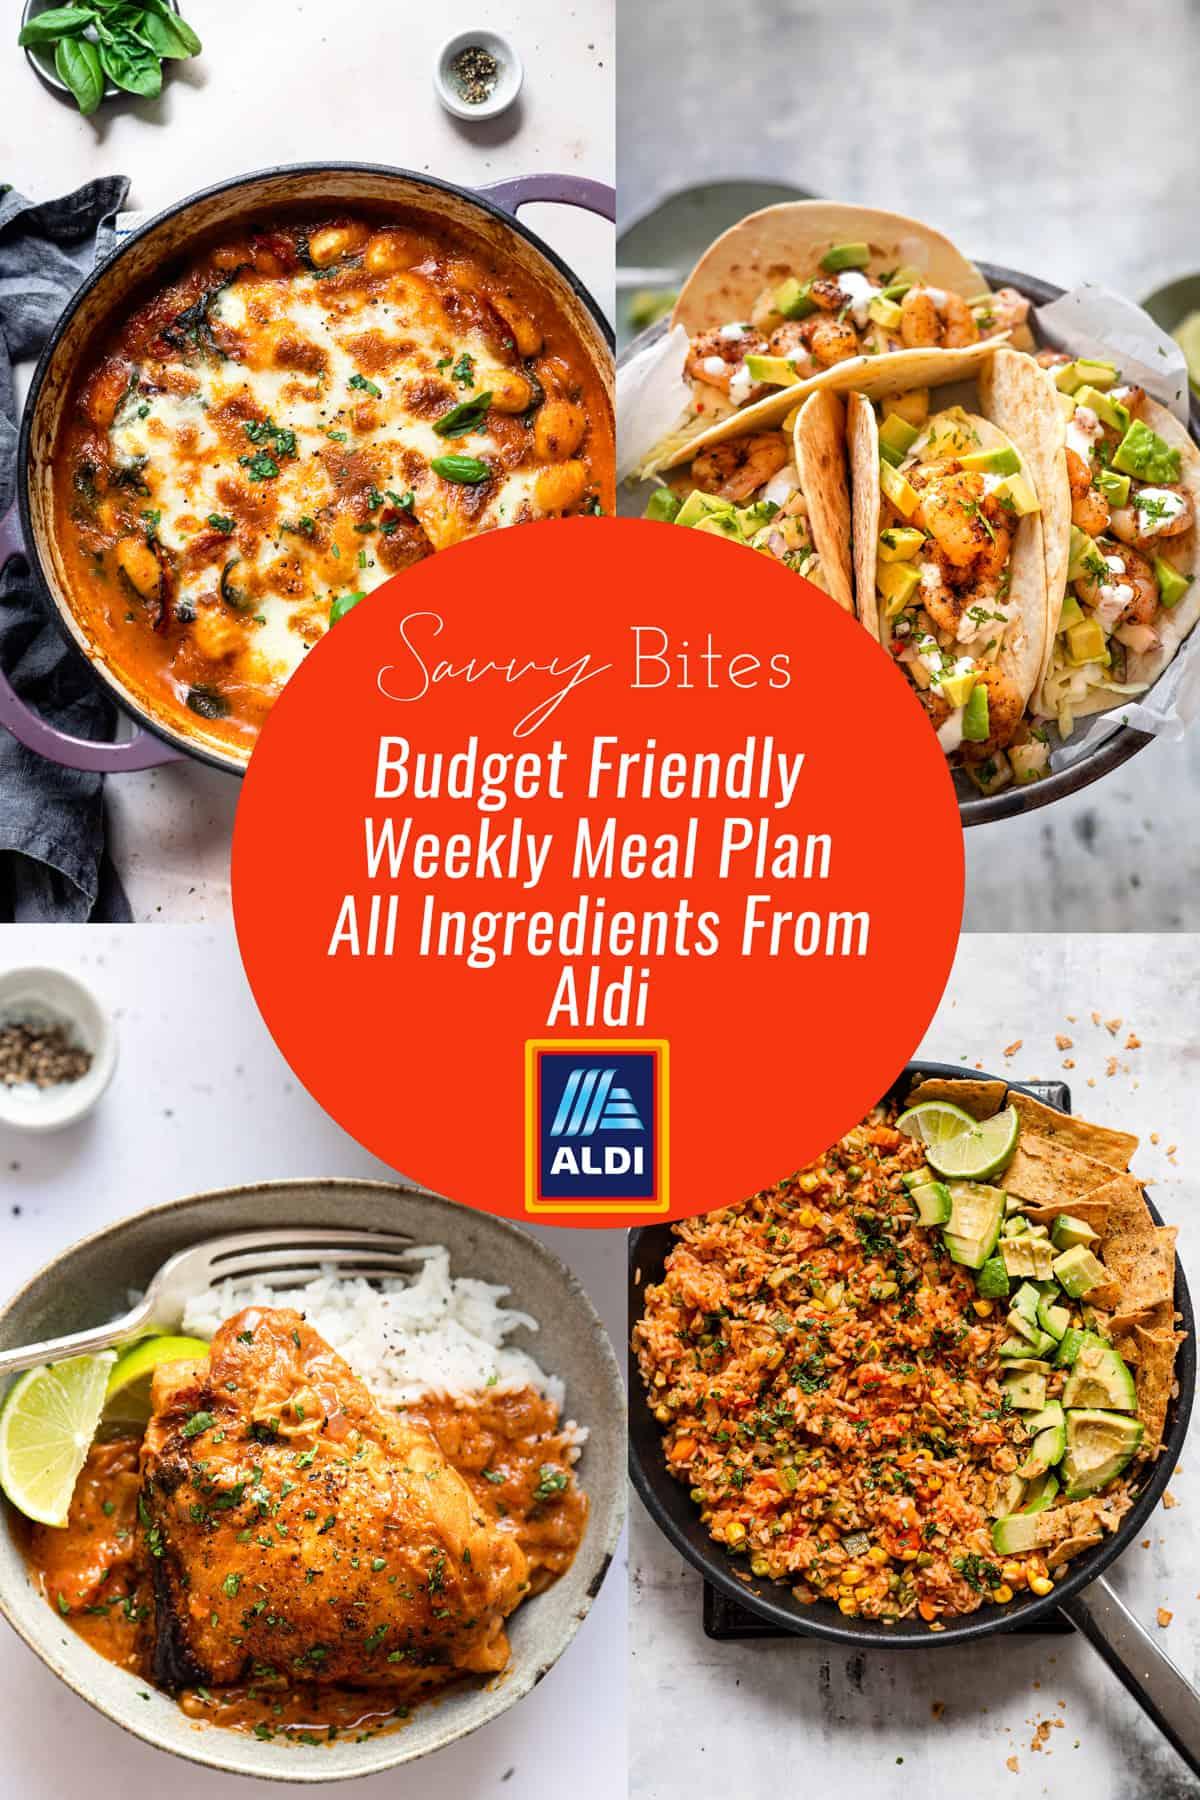 Aldi budget meal plan September 13